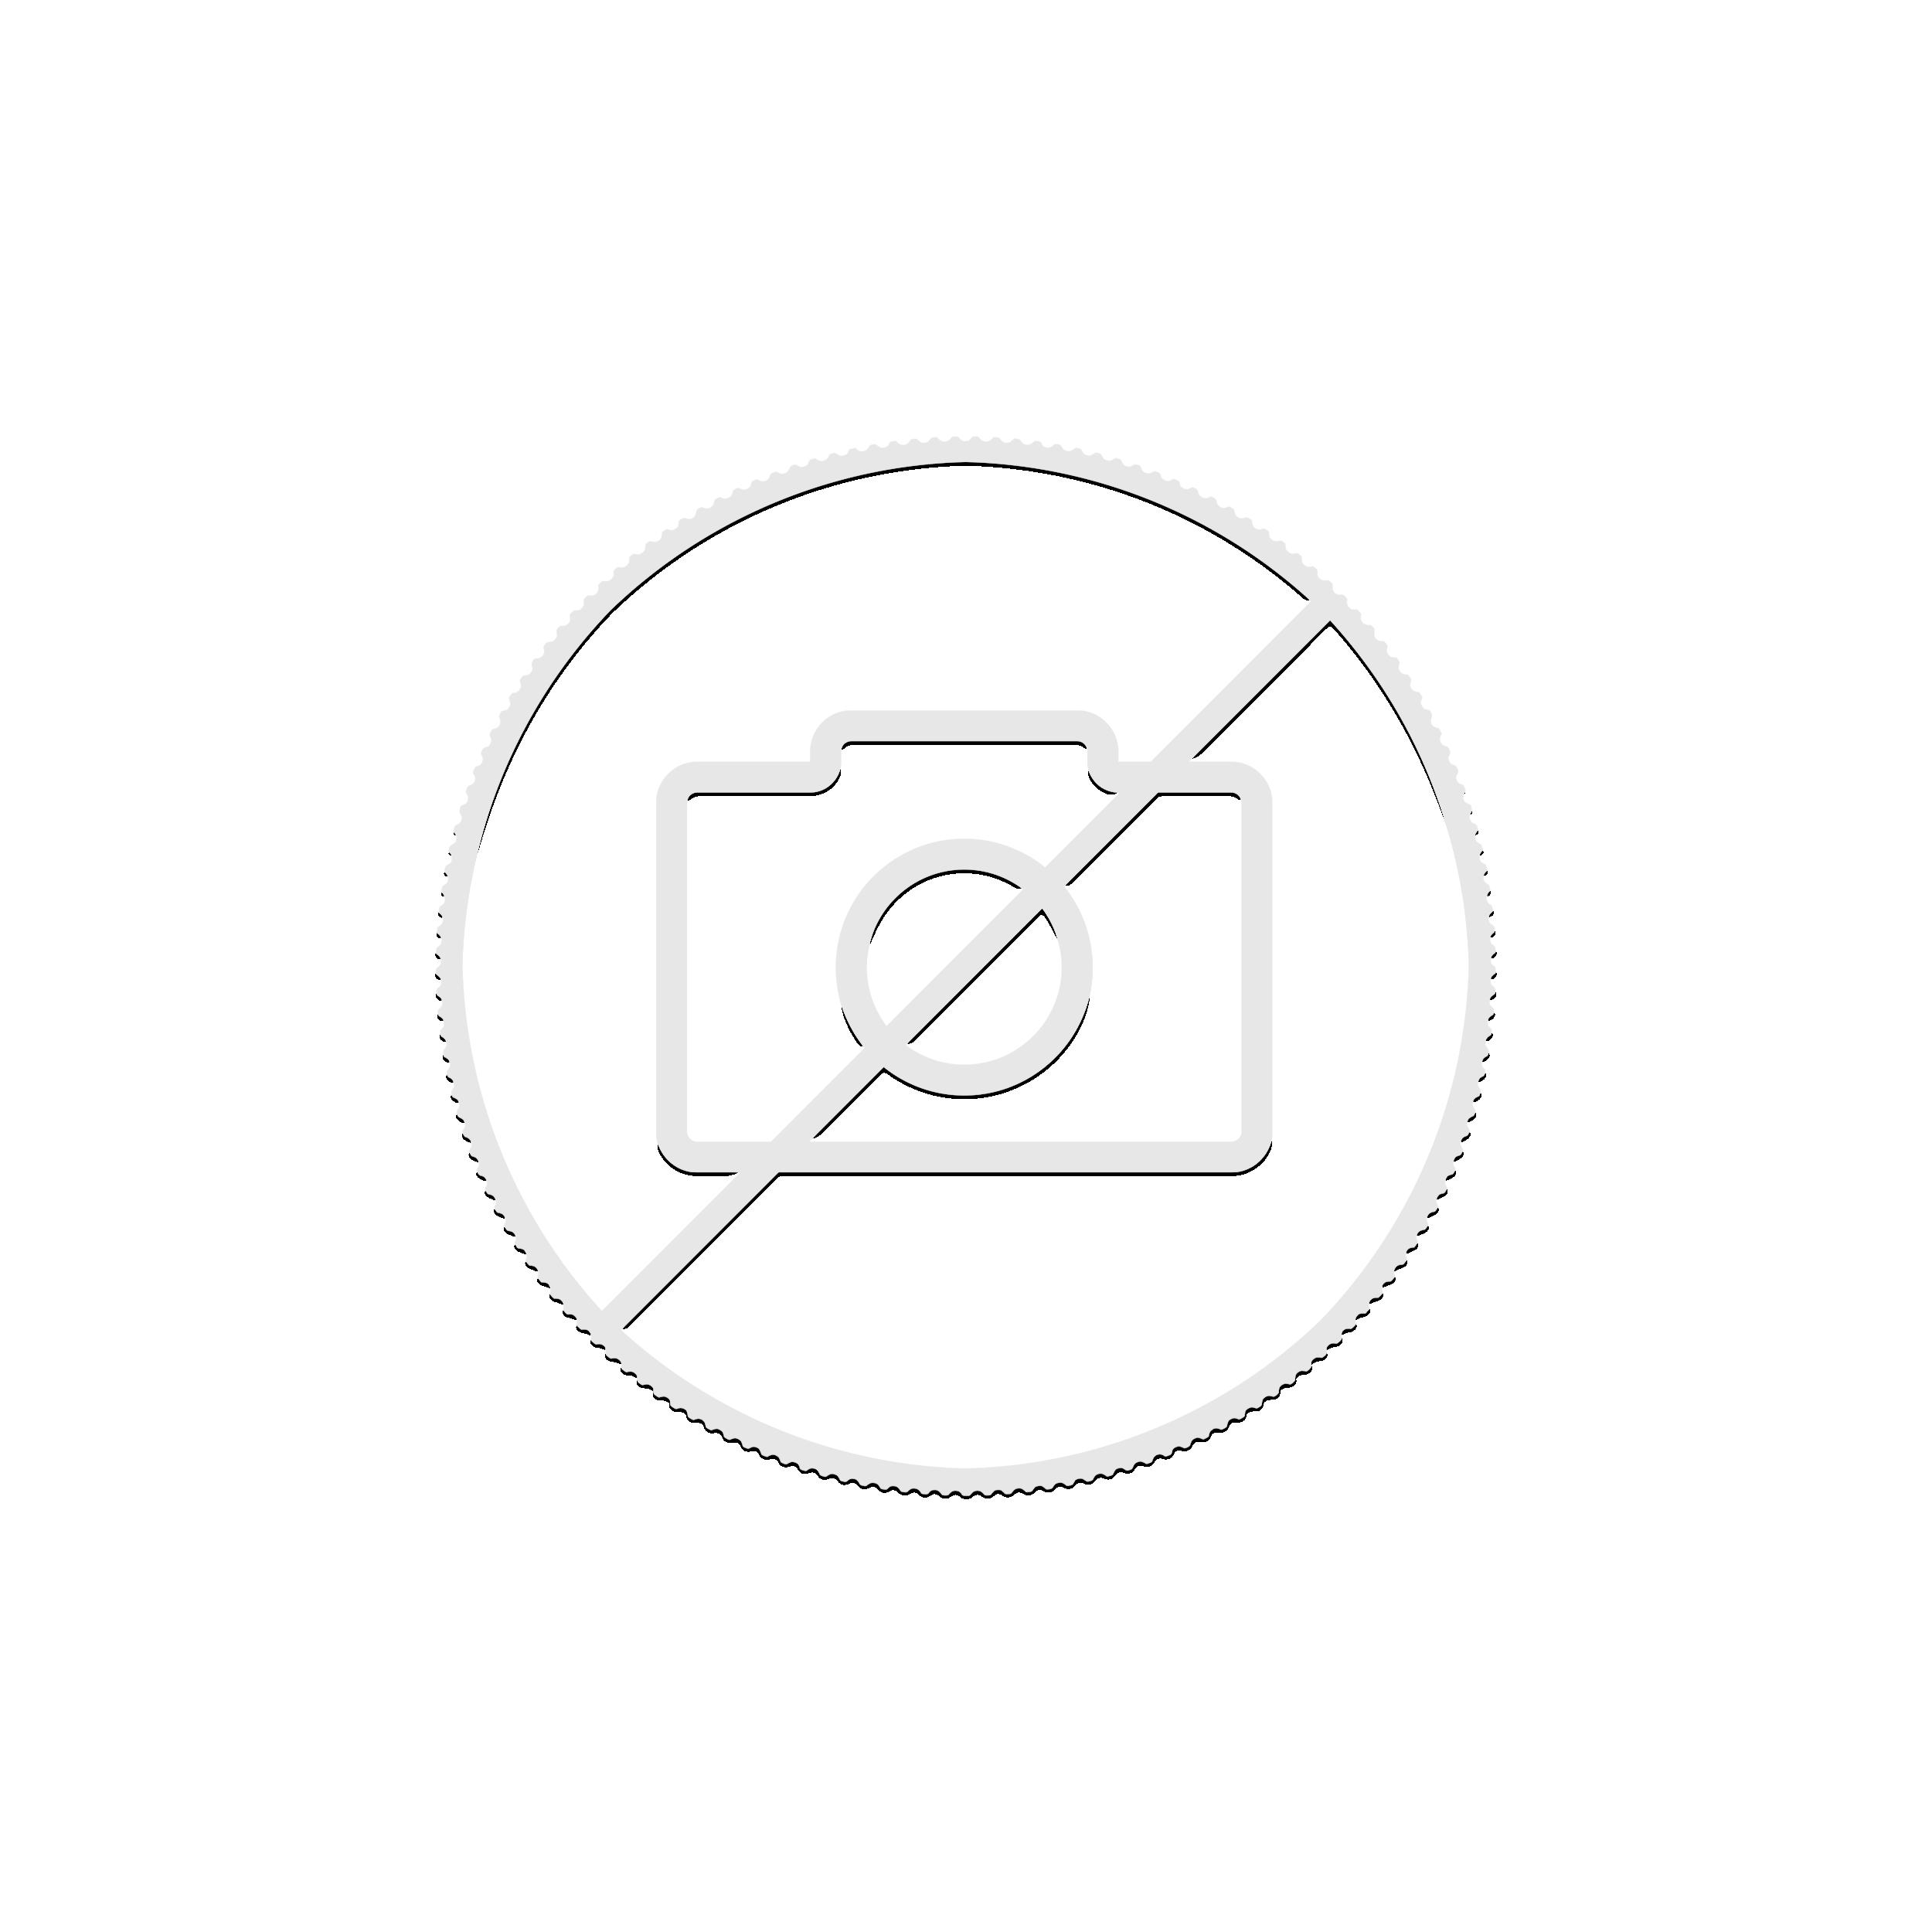 Dutch silver coins